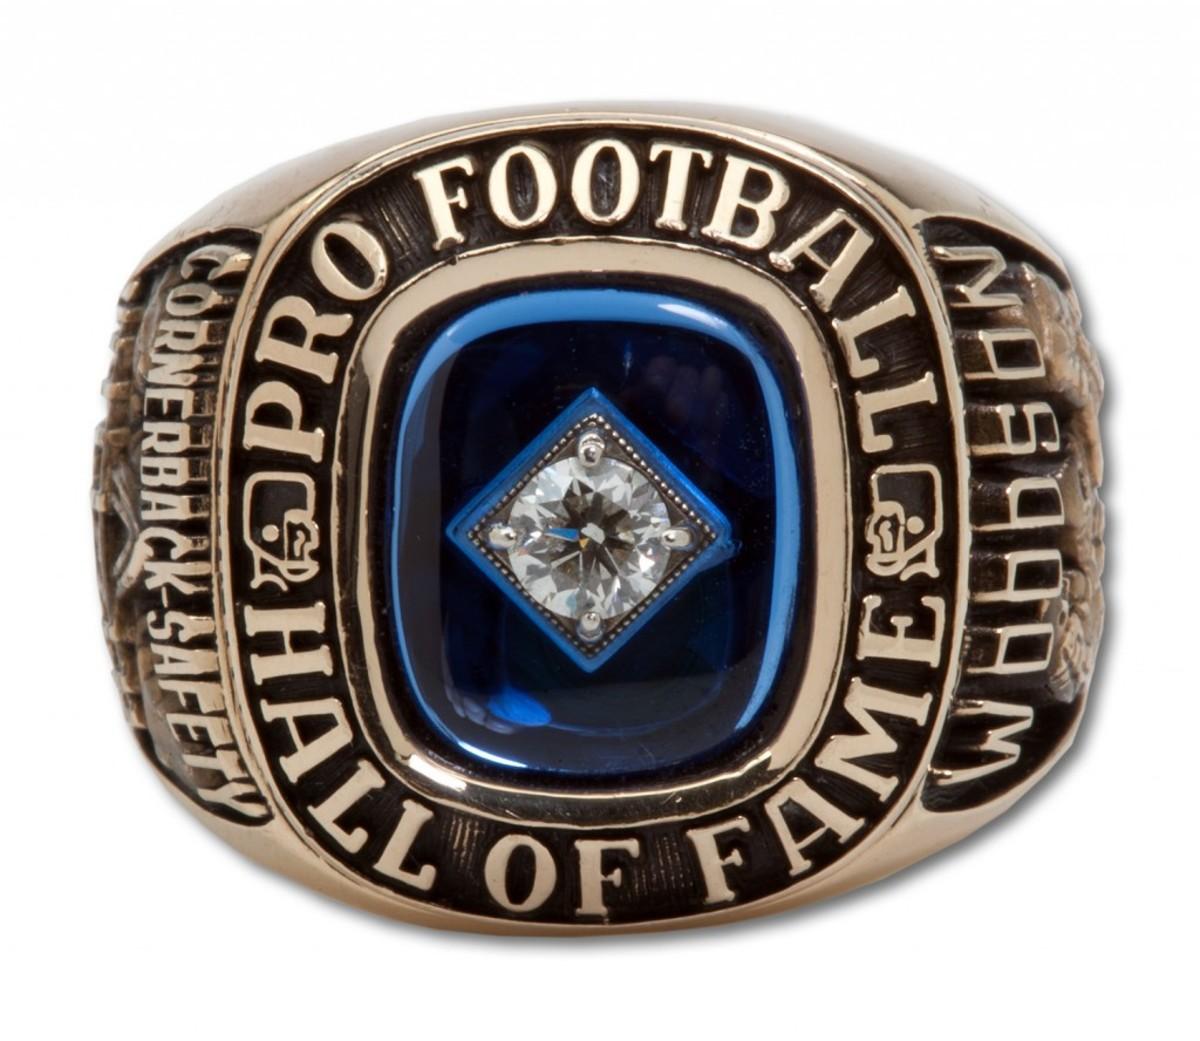 Woodson's 2009 NFL HOF Ring